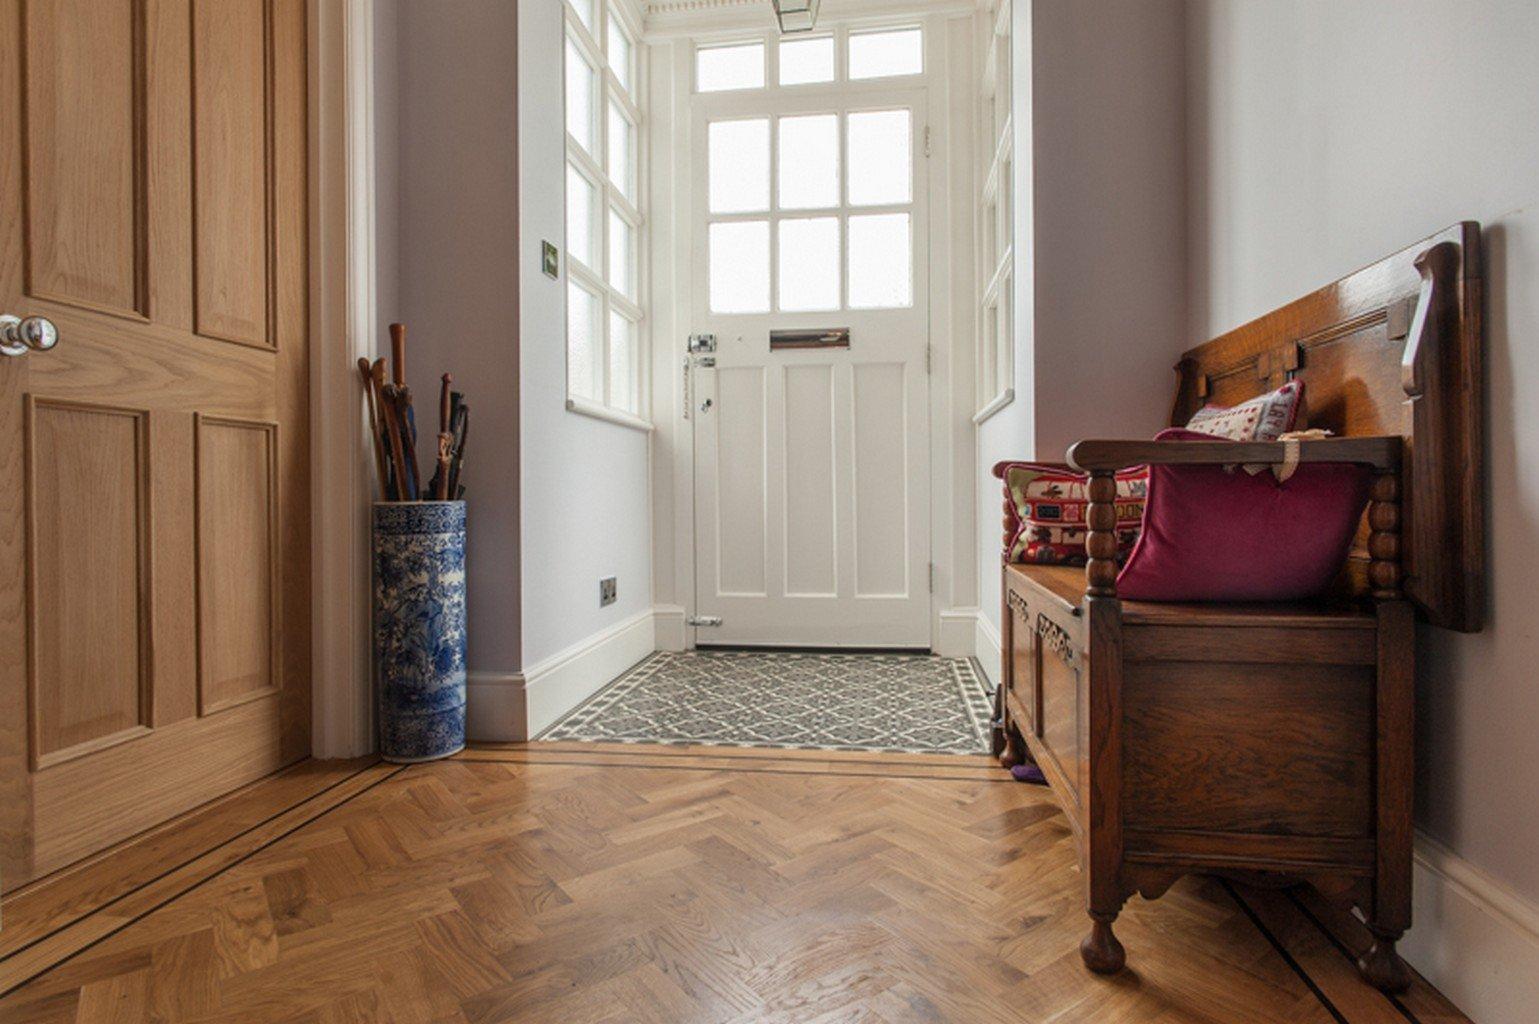 herringbone wood flooring in entranceway